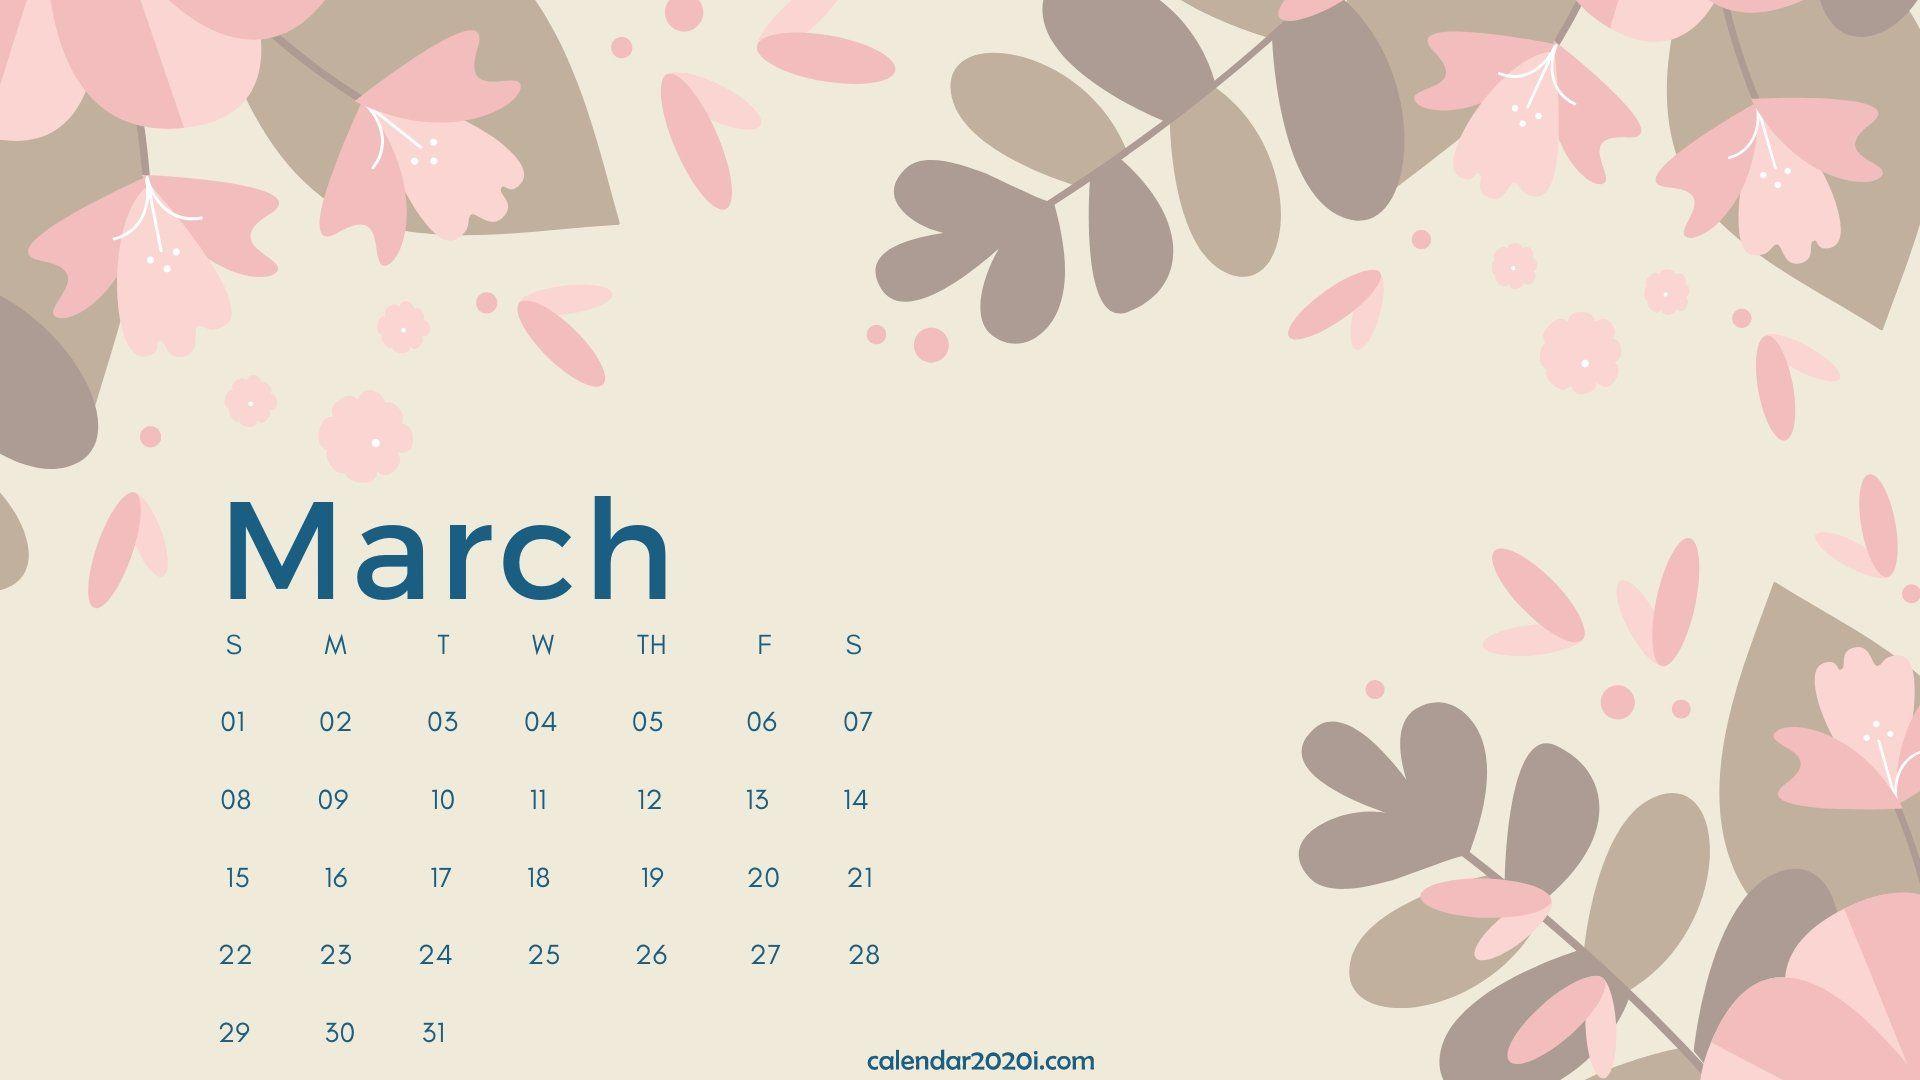 March 2020 Calendar Desktop Wallpaper Calendar wallpaper July 1920x1080